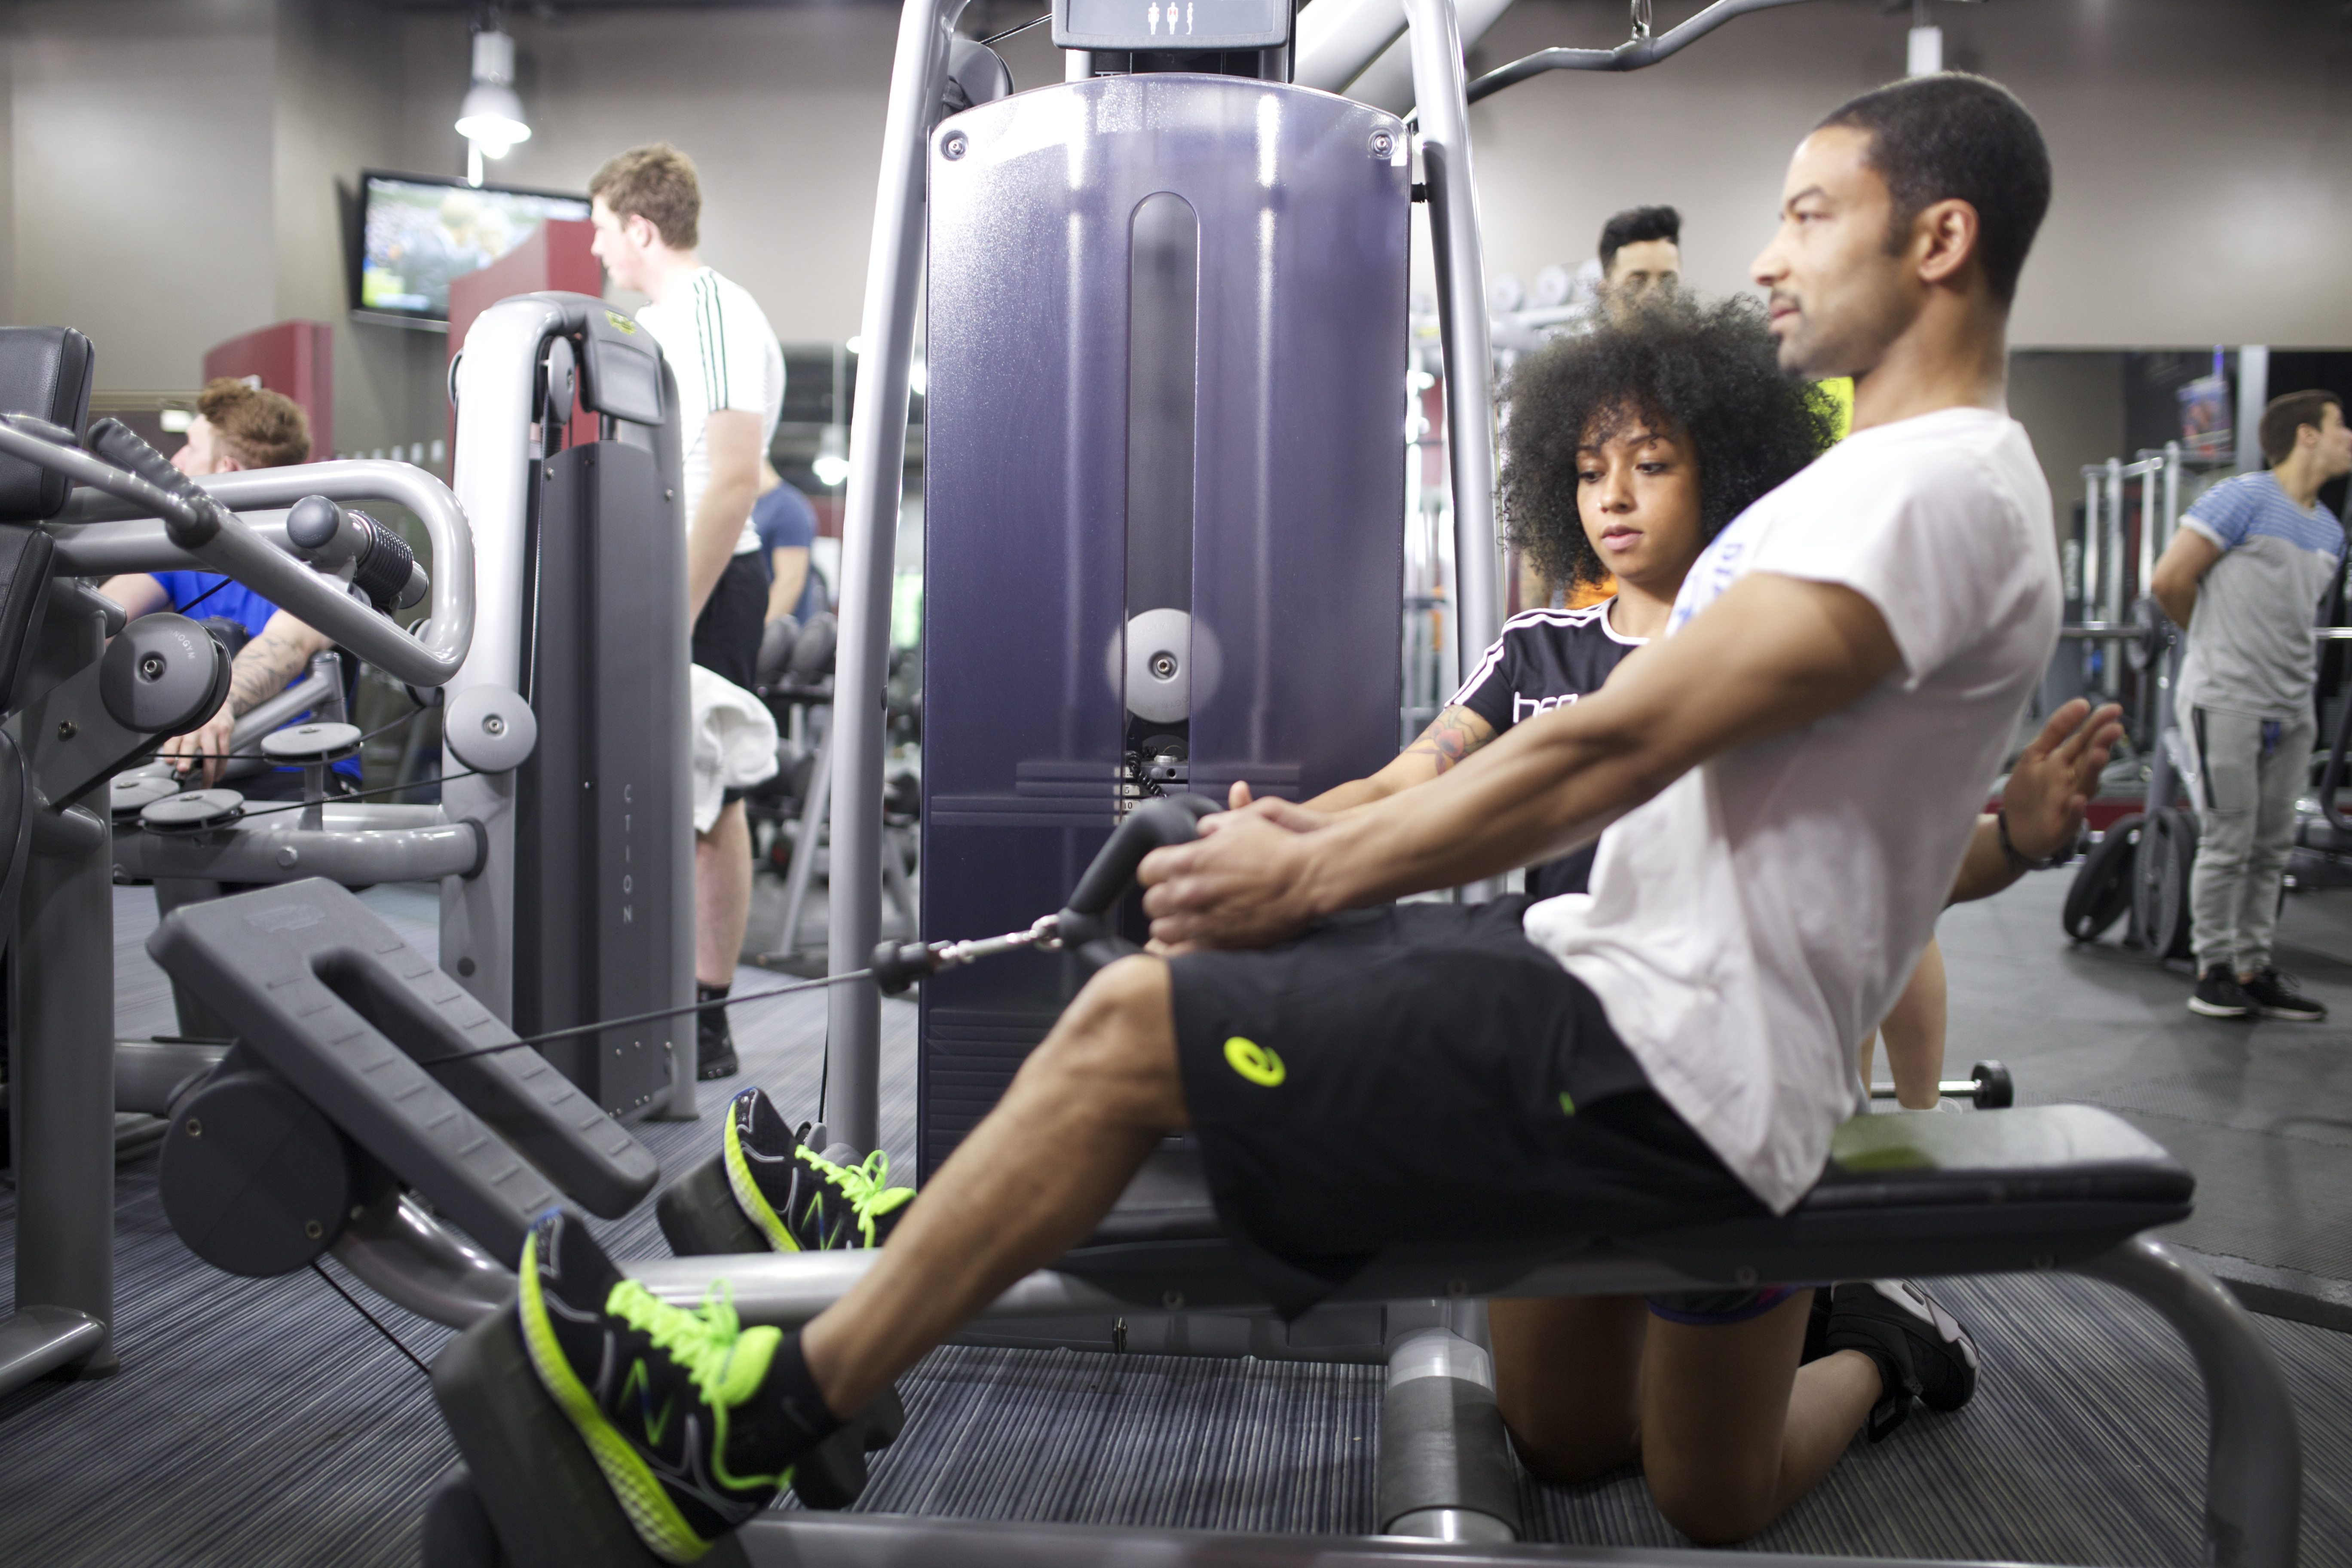 5d4070e5d5e Become a Gym Instructor - Fitness Career Guide